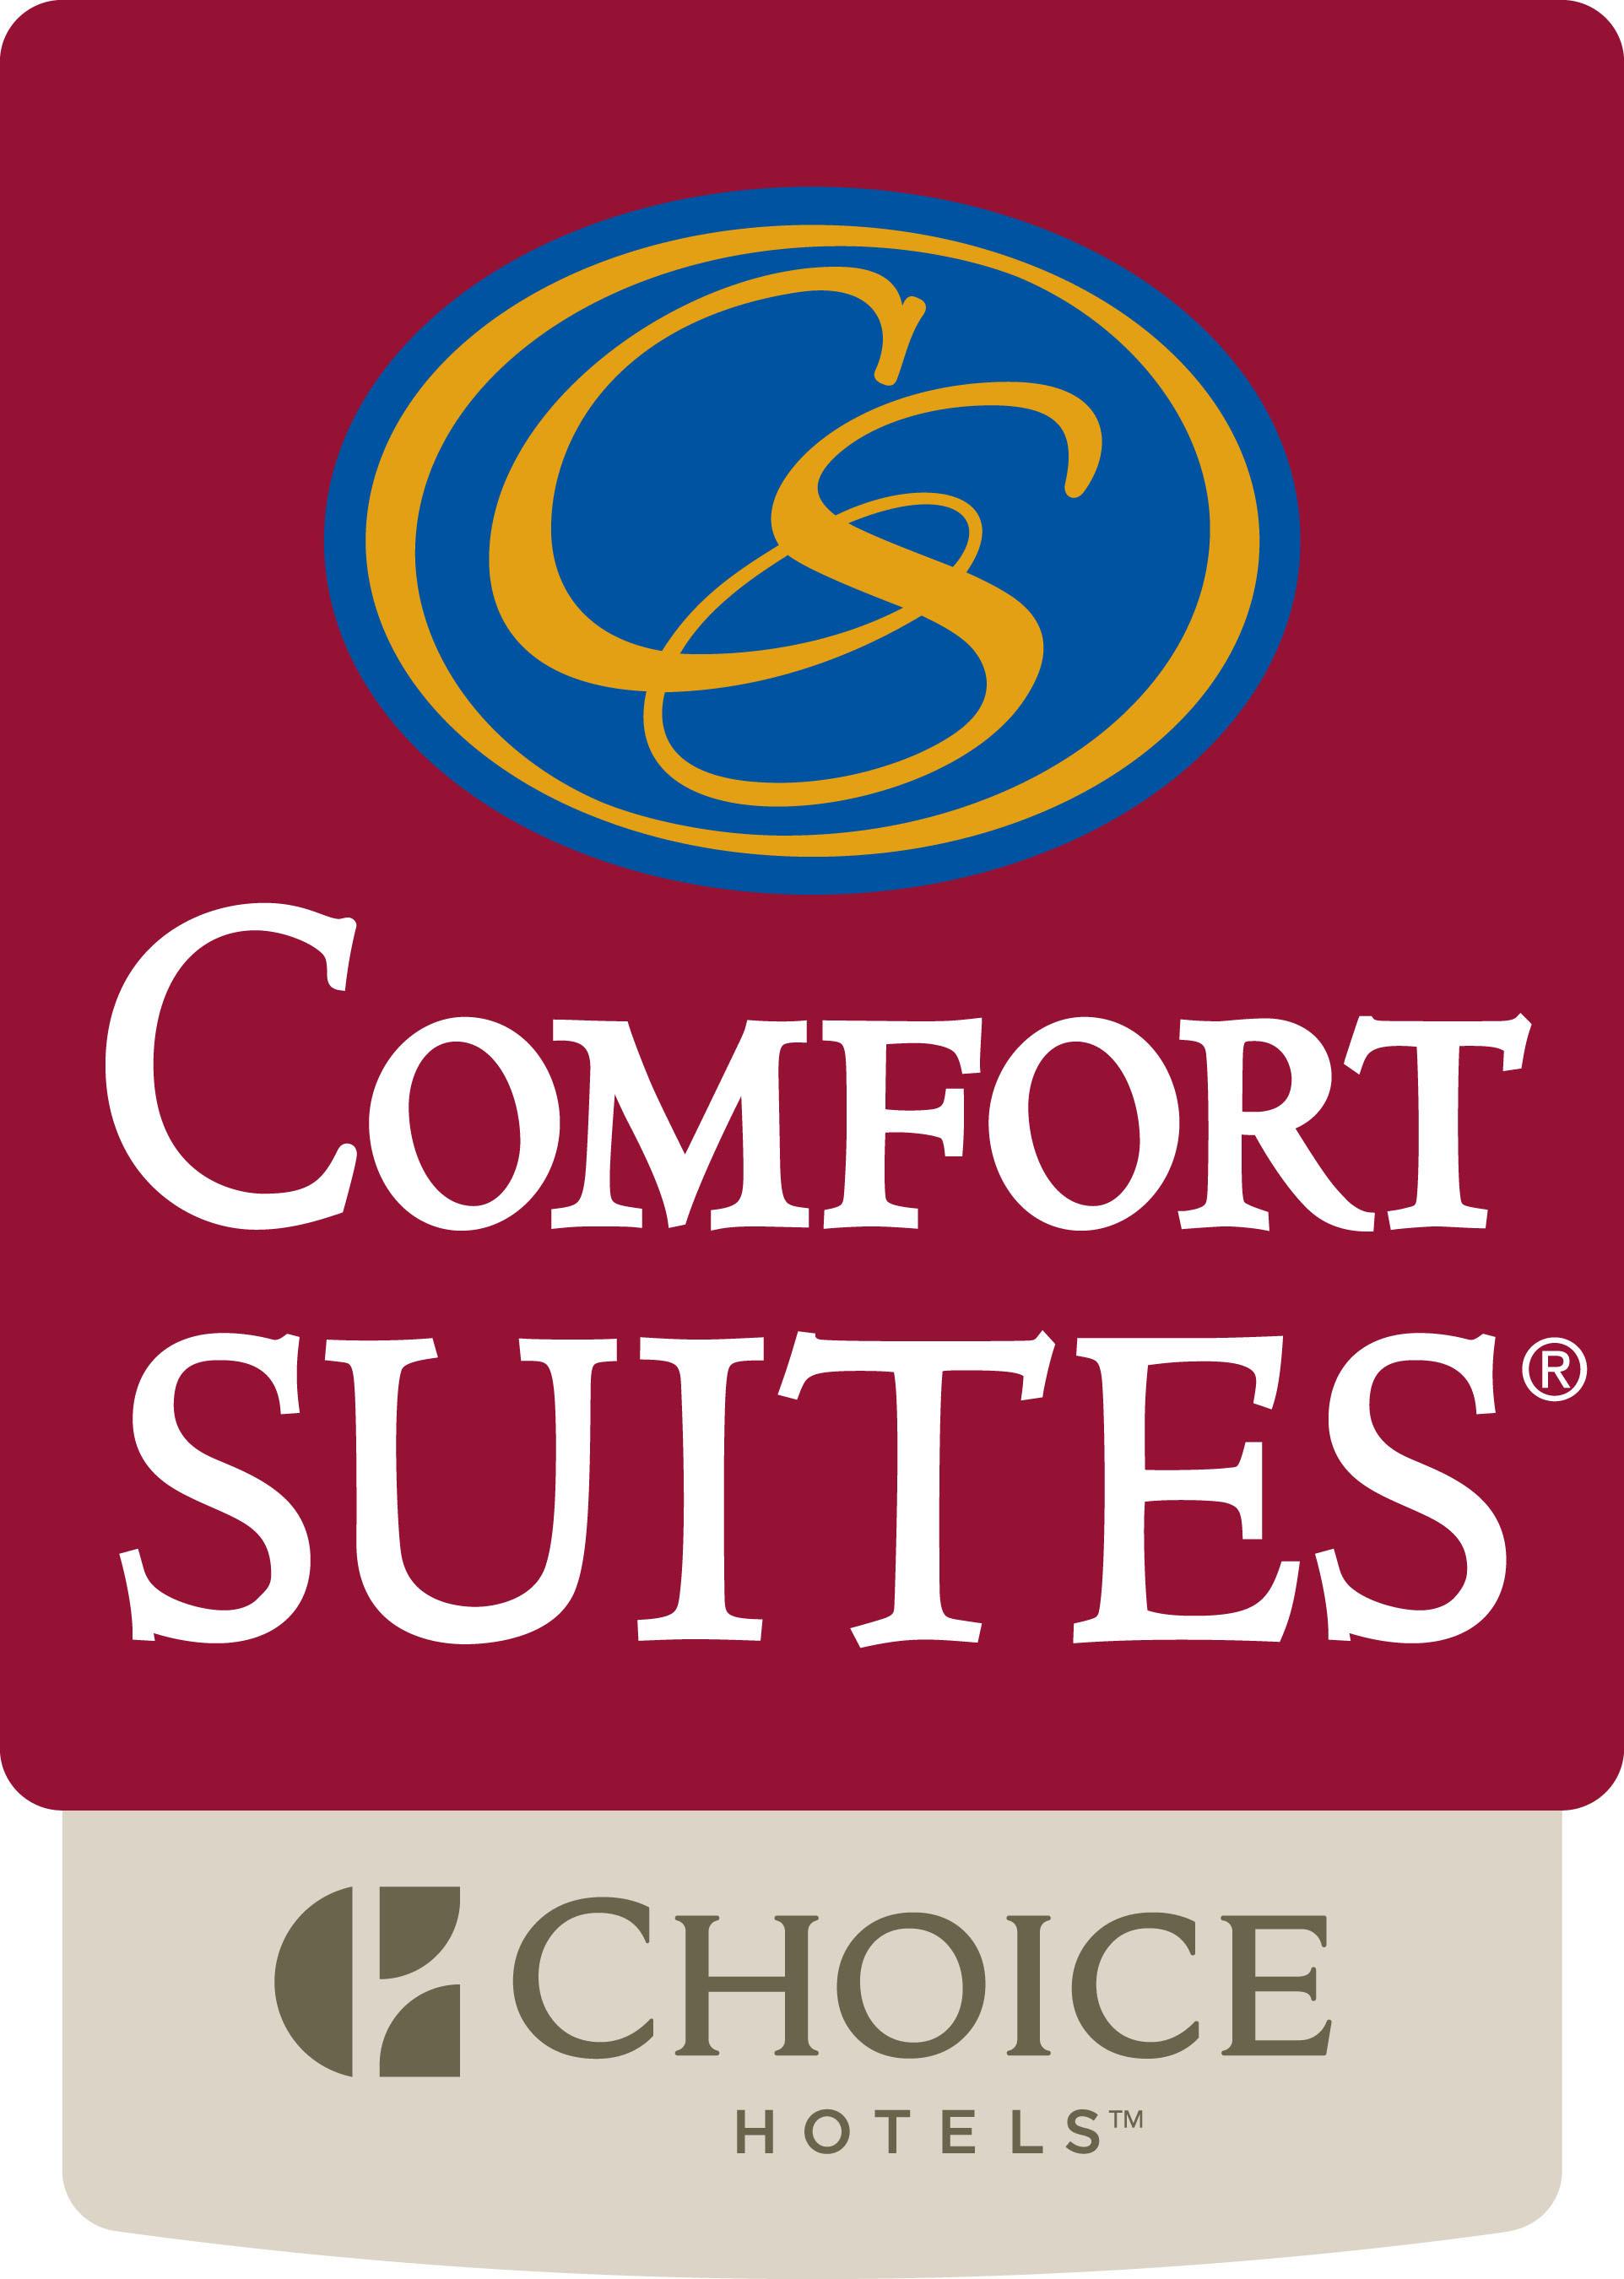 Comfort Suites.